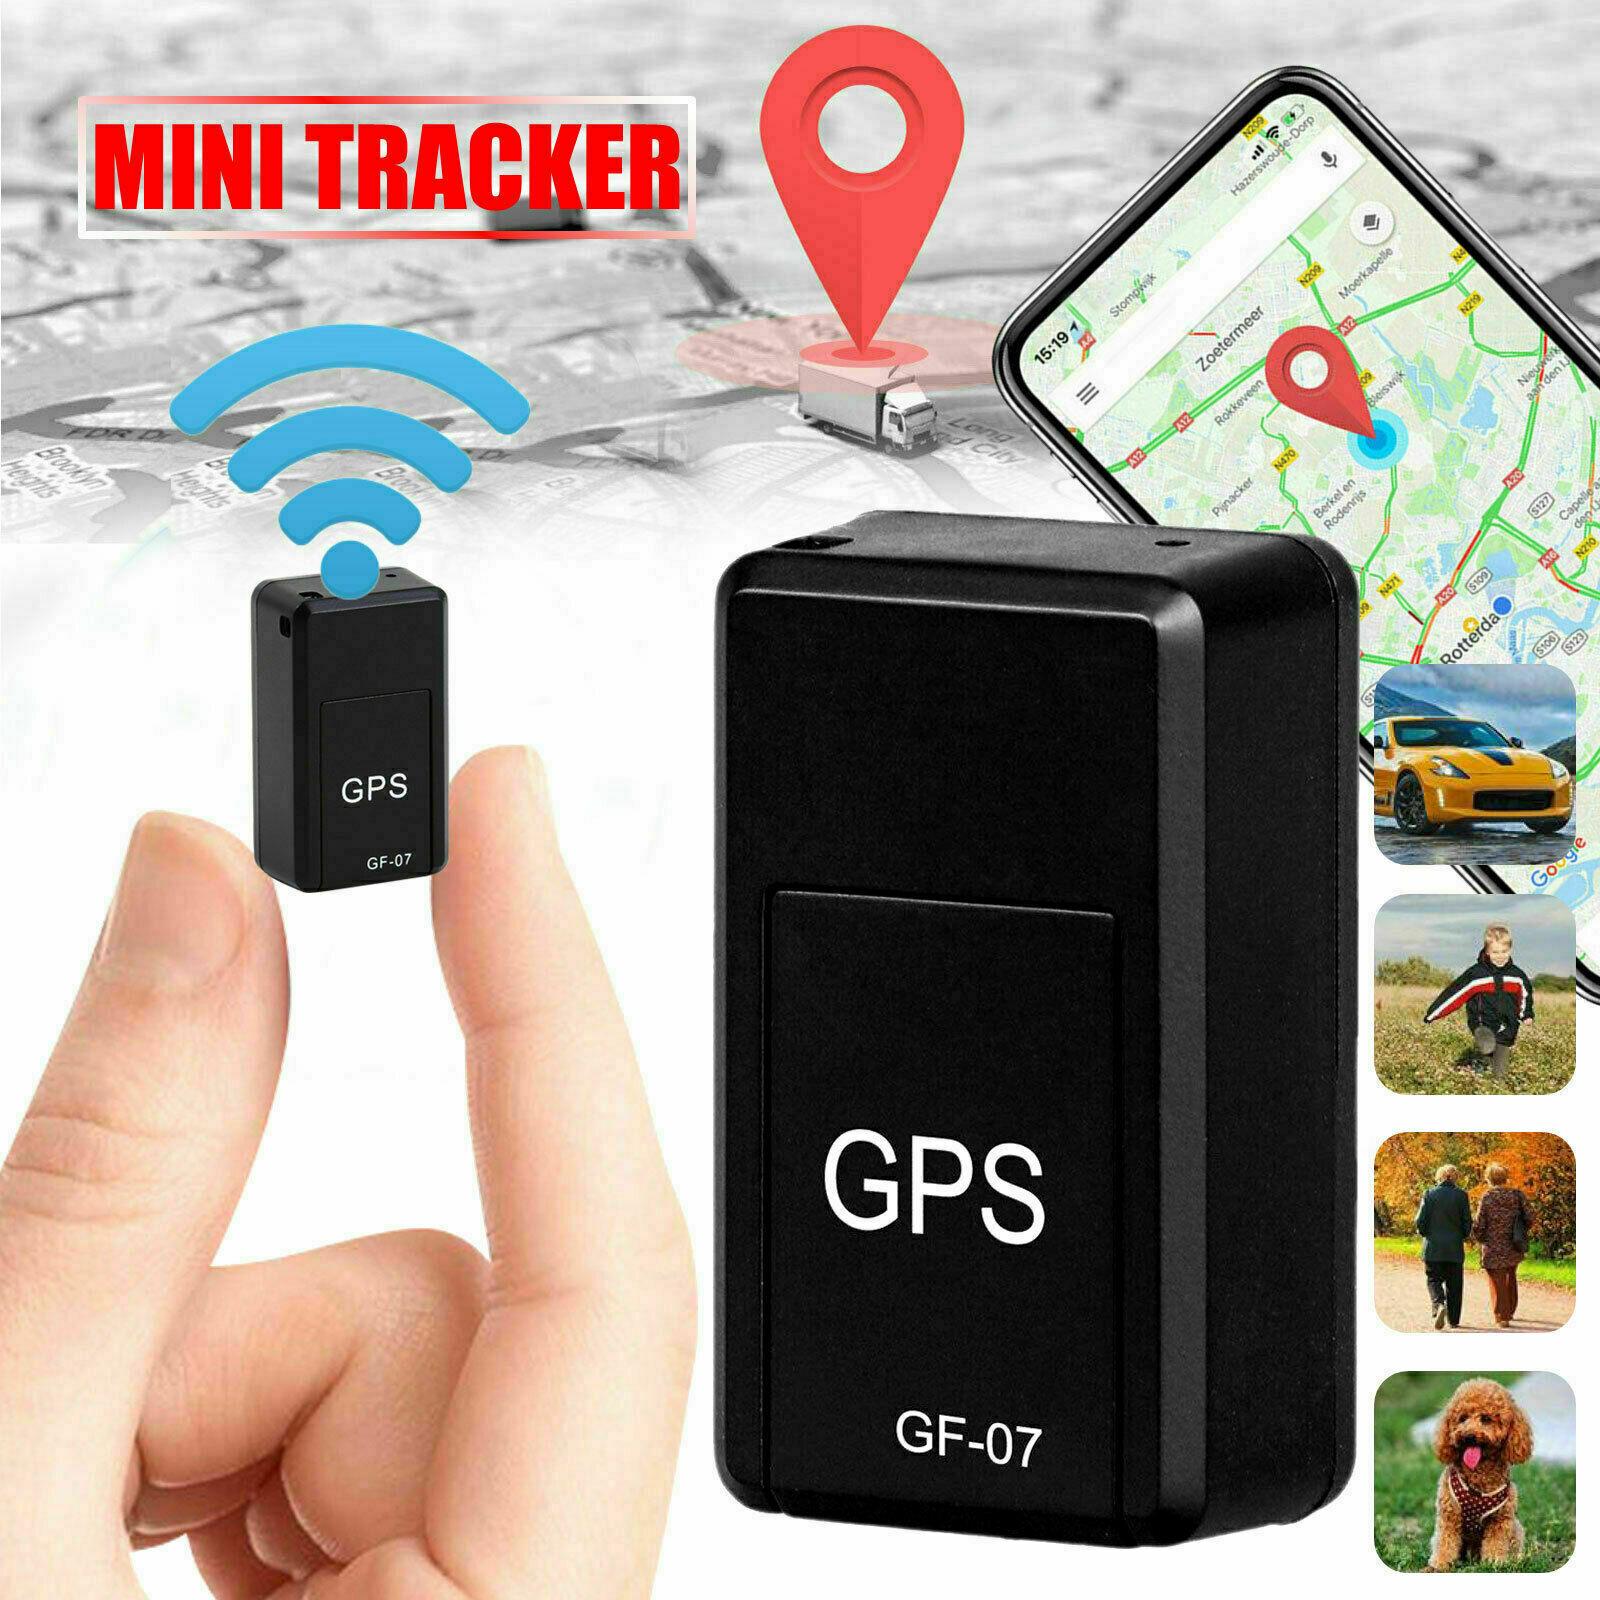 Novo mini gps tracker carro localizador de gps anti-roubo rastreador de carro rastreador de gps anti-perdido gravação de rastreamento dispositivo de acessórios de automóveis